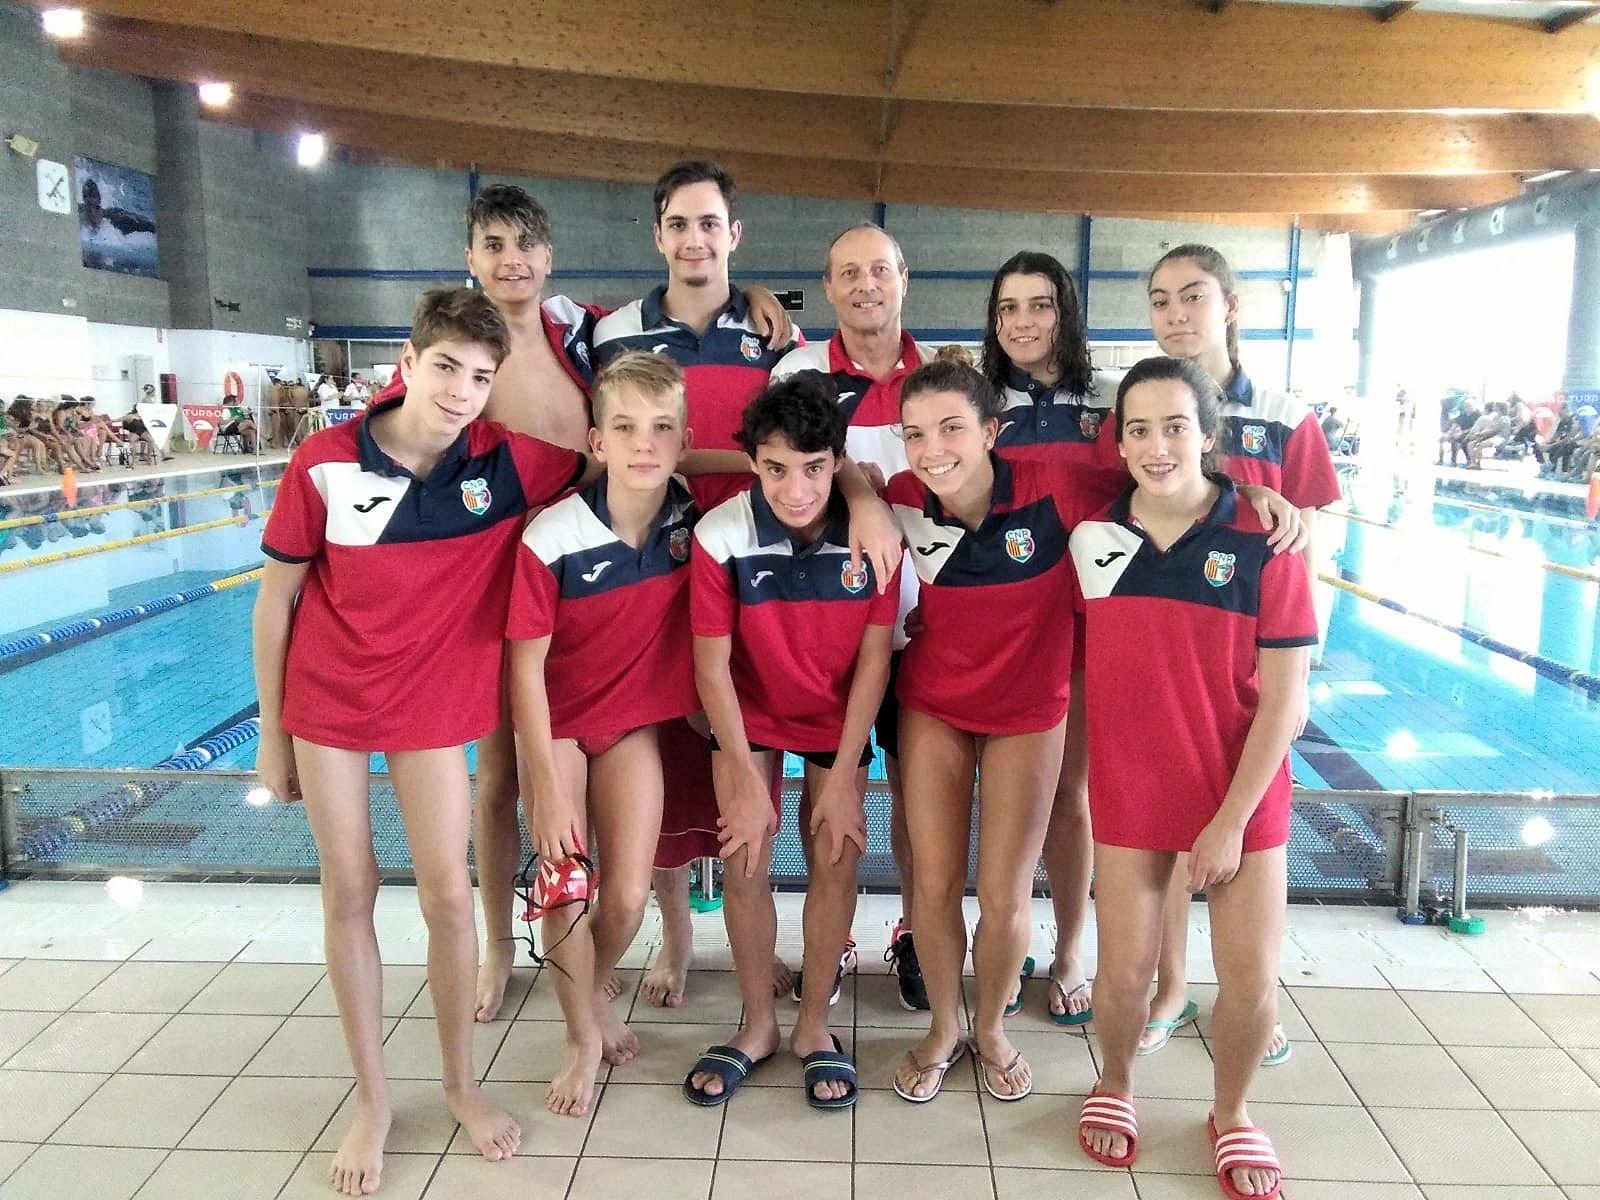 Intens cap de setmana de natació amb les primeres jornades de lliga catalana